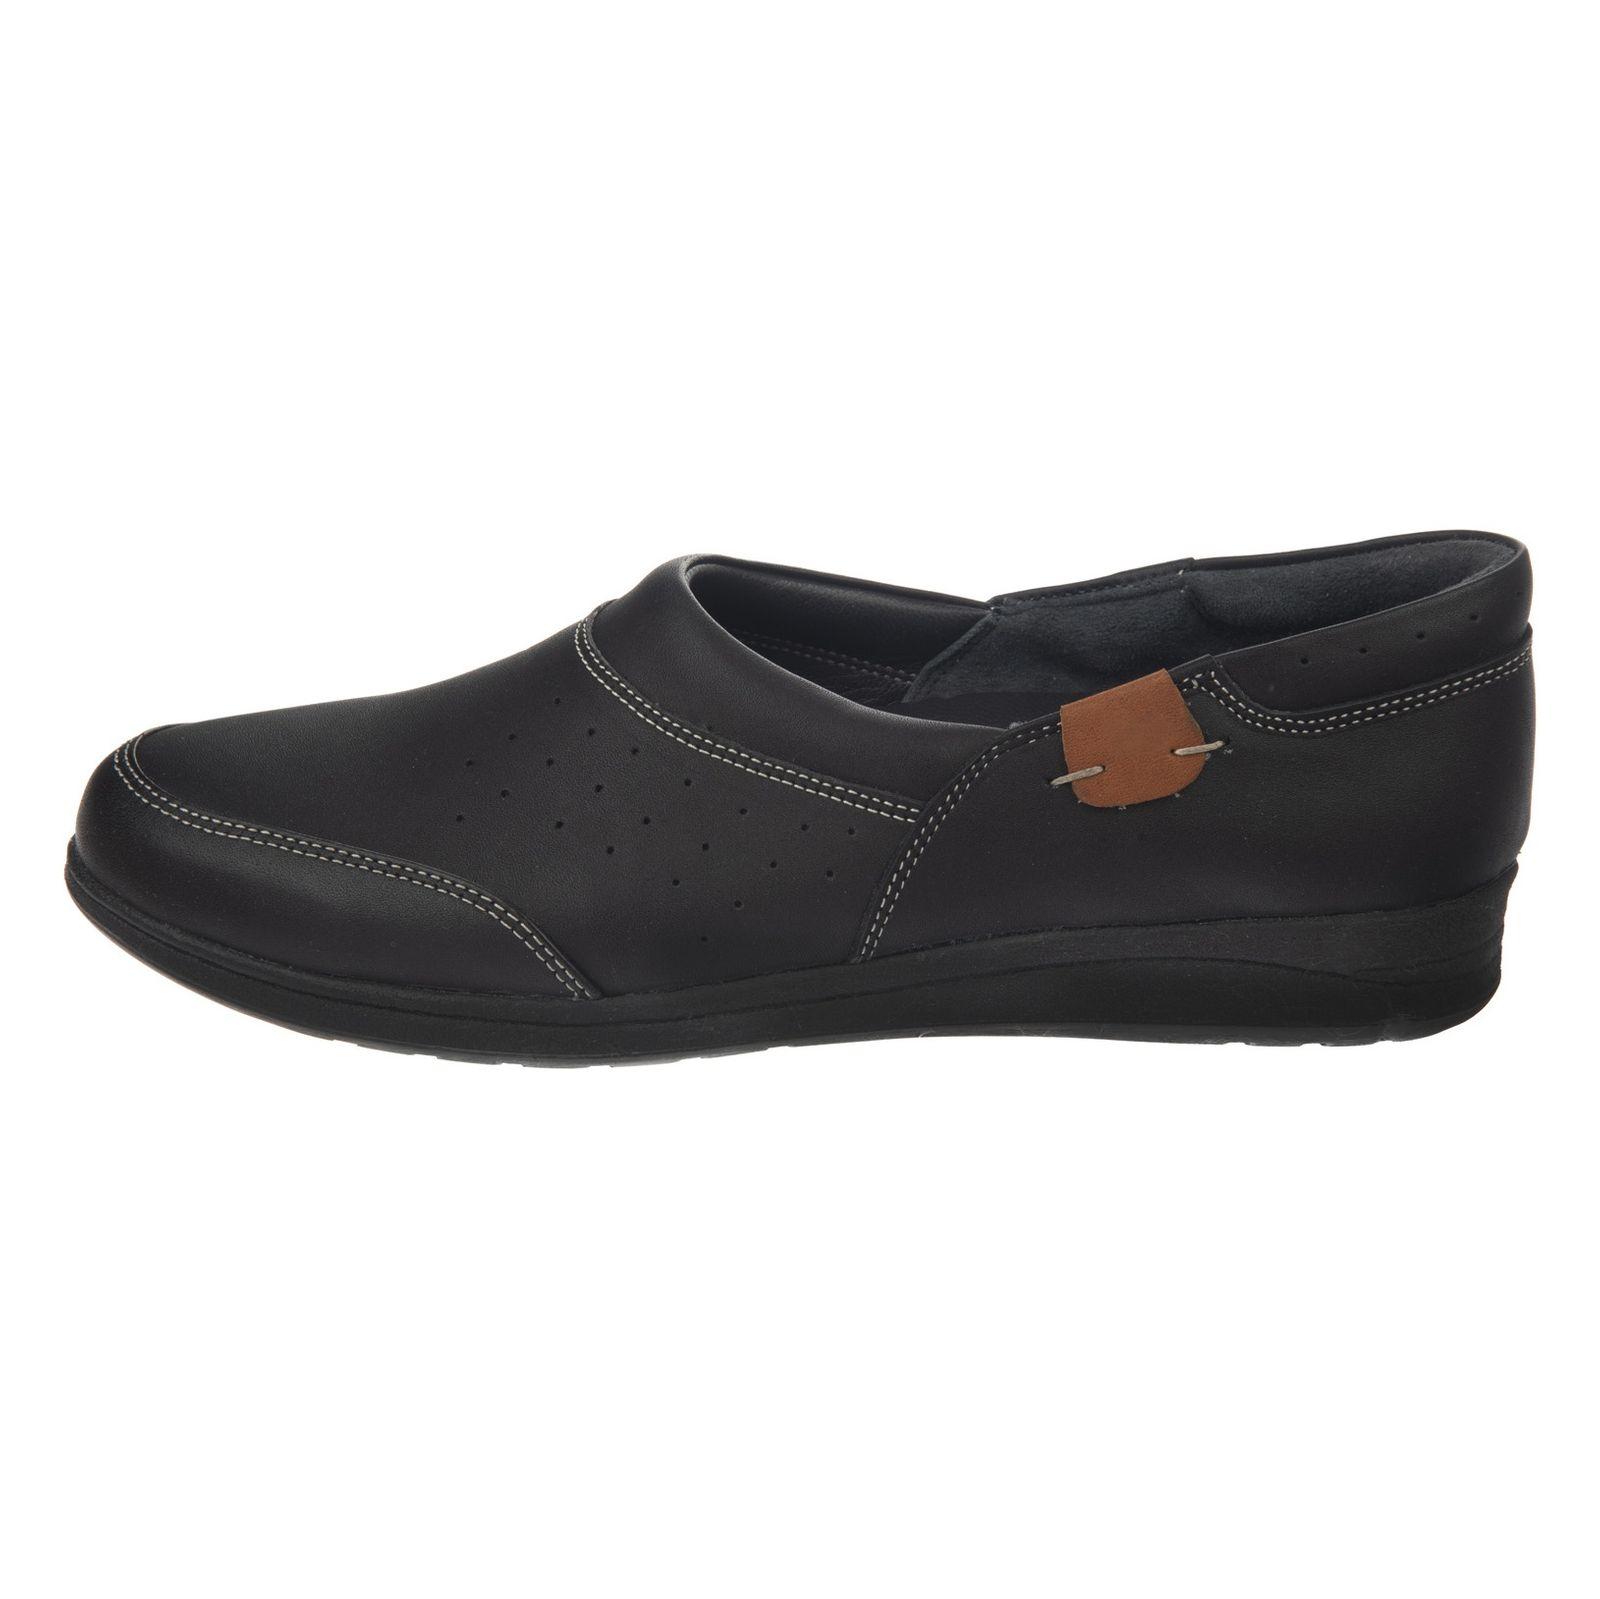 کفش روزمره زنانه شیفر مدل 5181B-101 - مشکی - 3